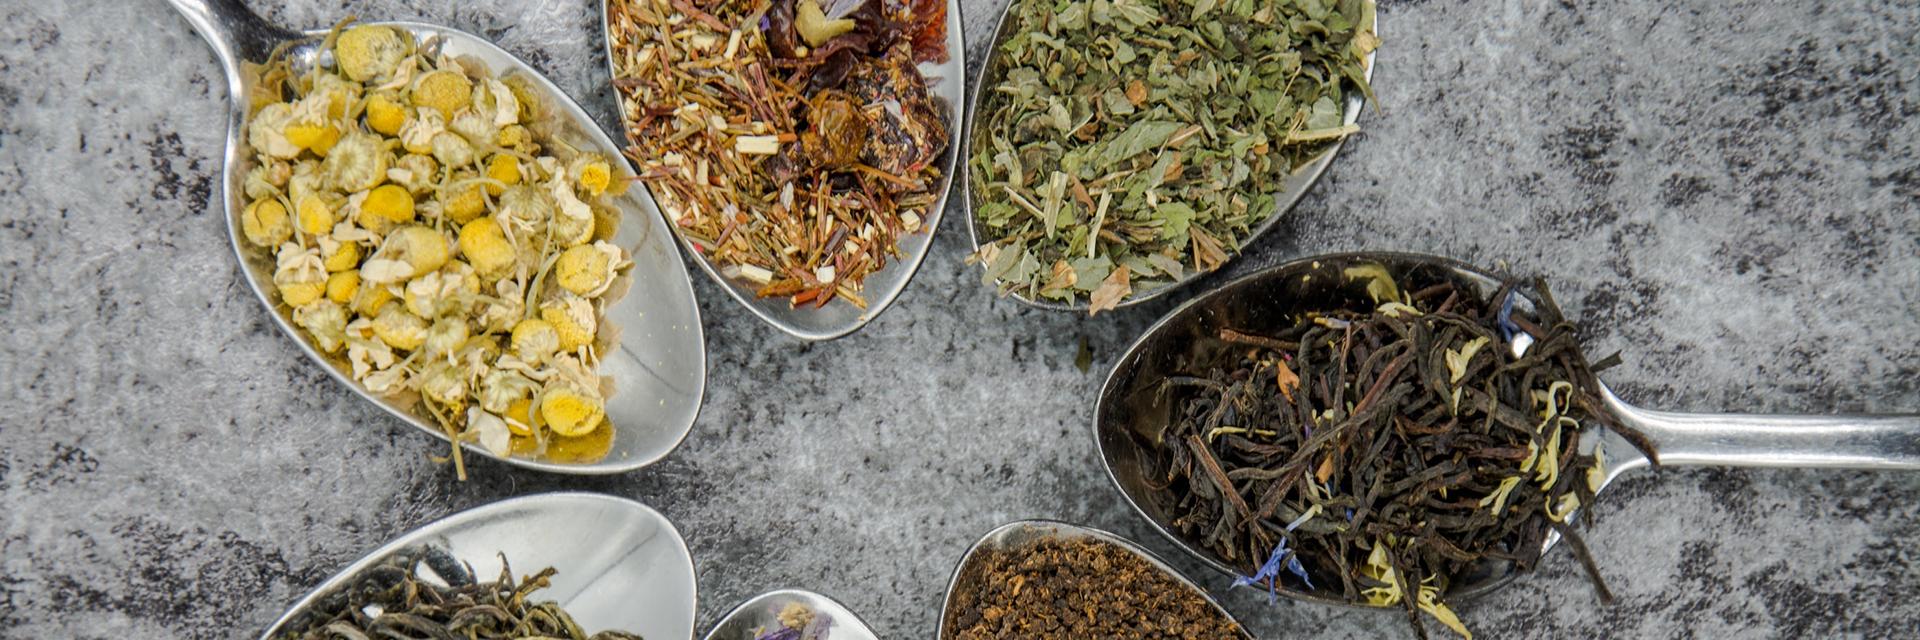 herbal tea varieties in spoons